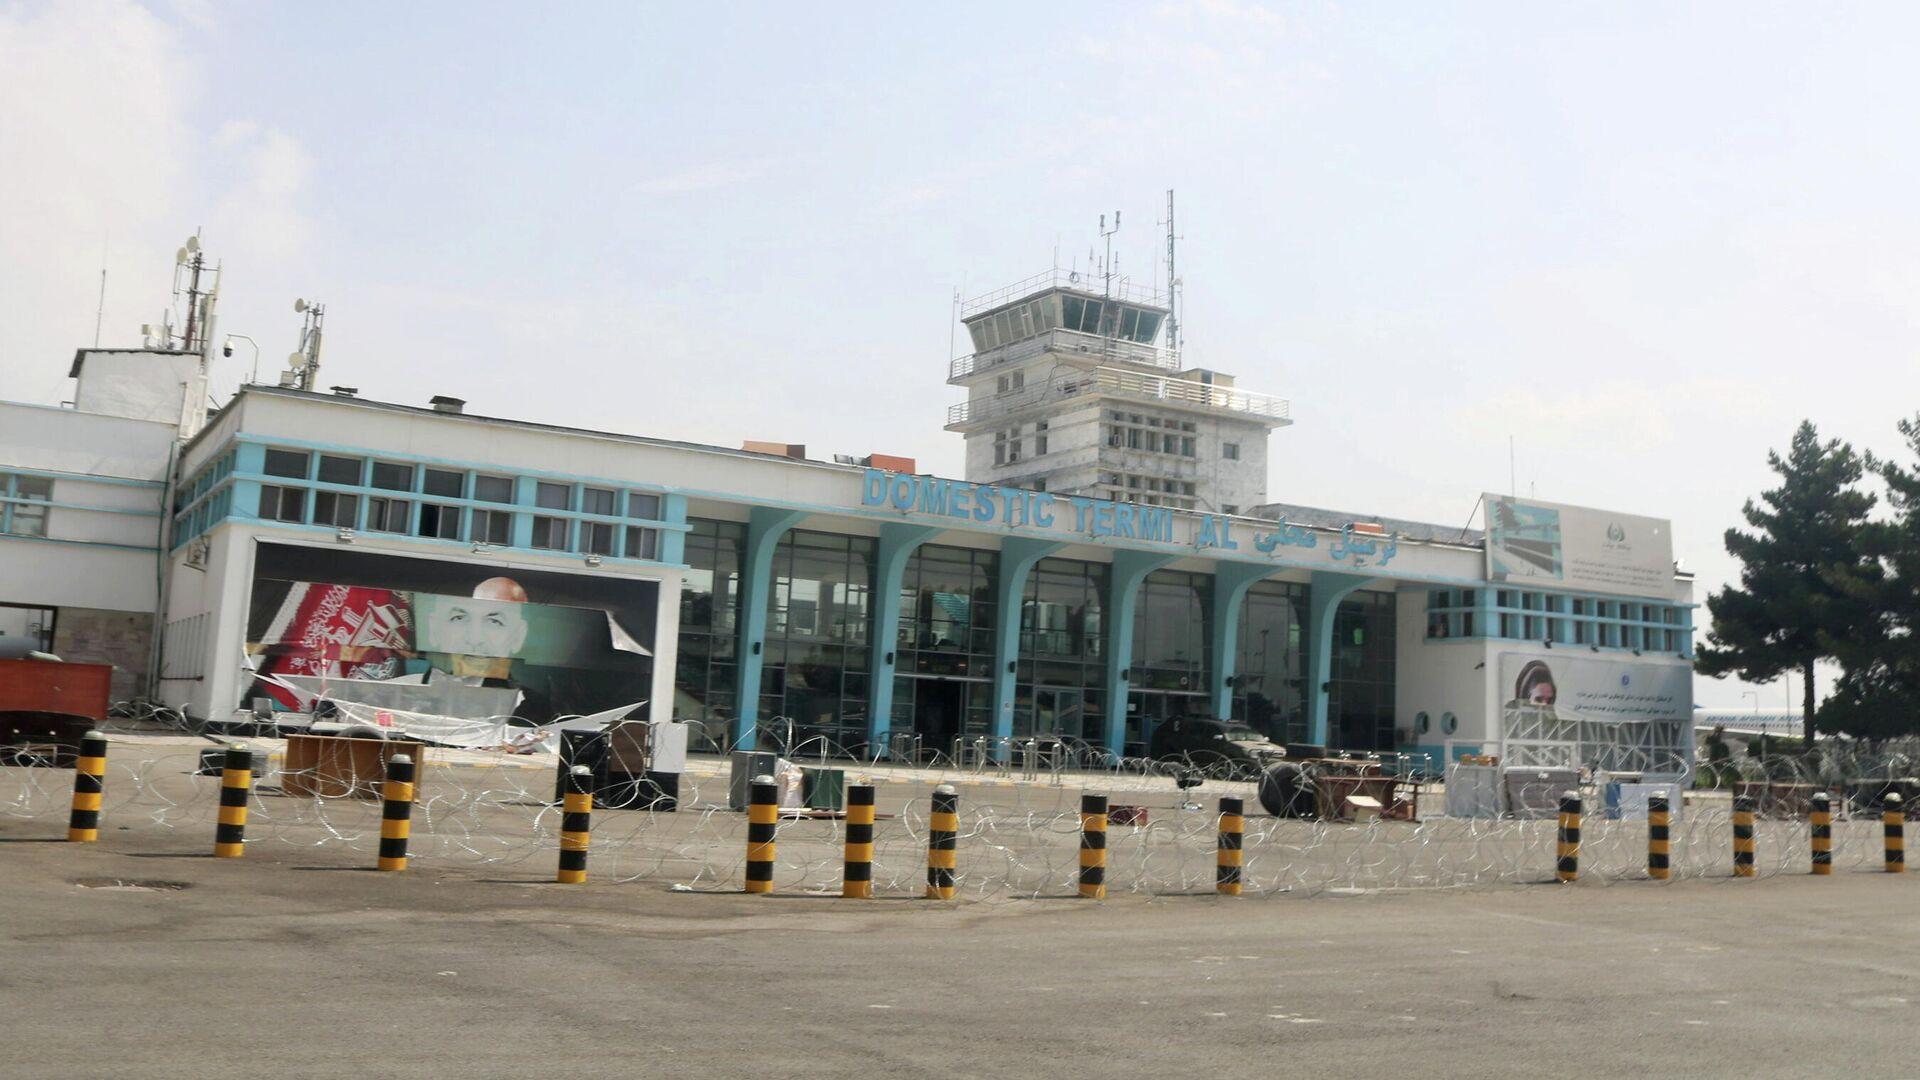 Терминал аэропорта в Кабуле после вывода американских войск - РИА Новости, 1920, 18.09.2021